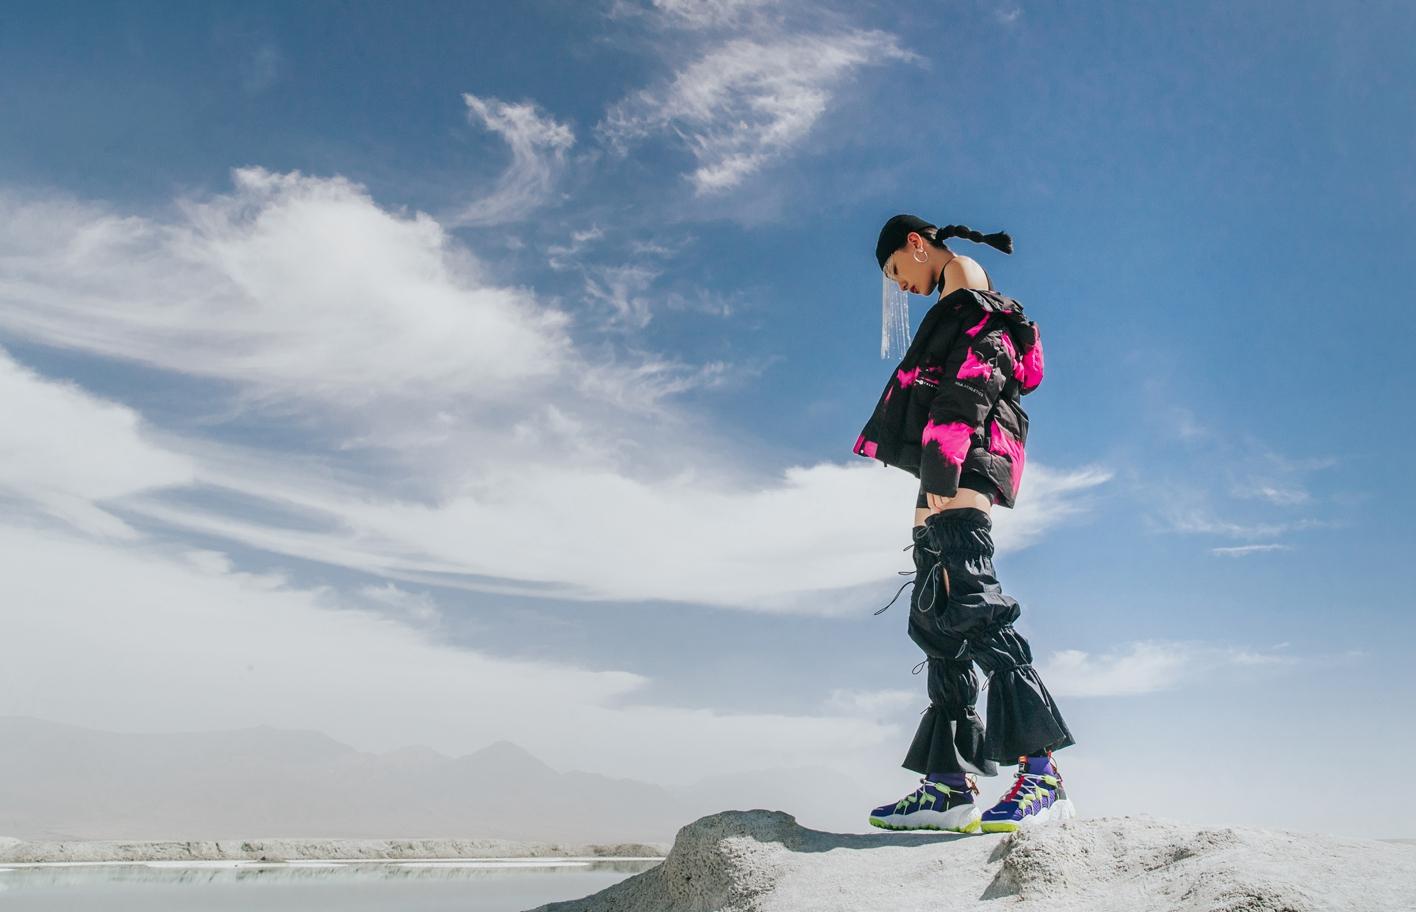 FILA Apennines 把「户外时尚」和「山脉灵感」融合呈现在一双鞋上了…